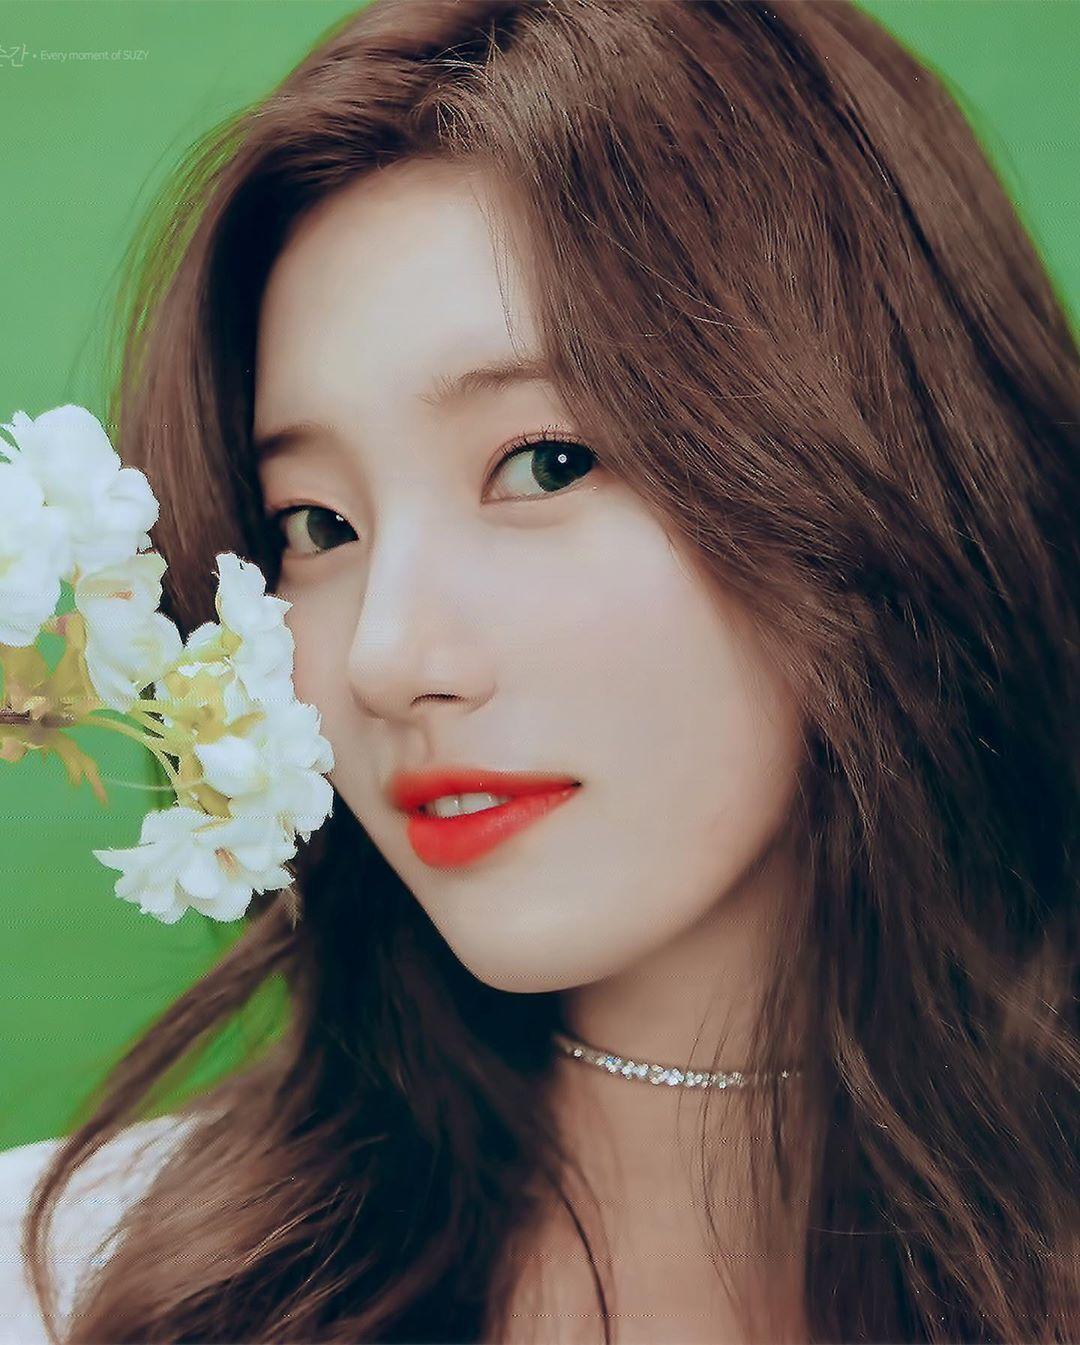 韩国网友票选《有史以来最美韩国女演员》,全智贤居然没进前10名!插图(5)